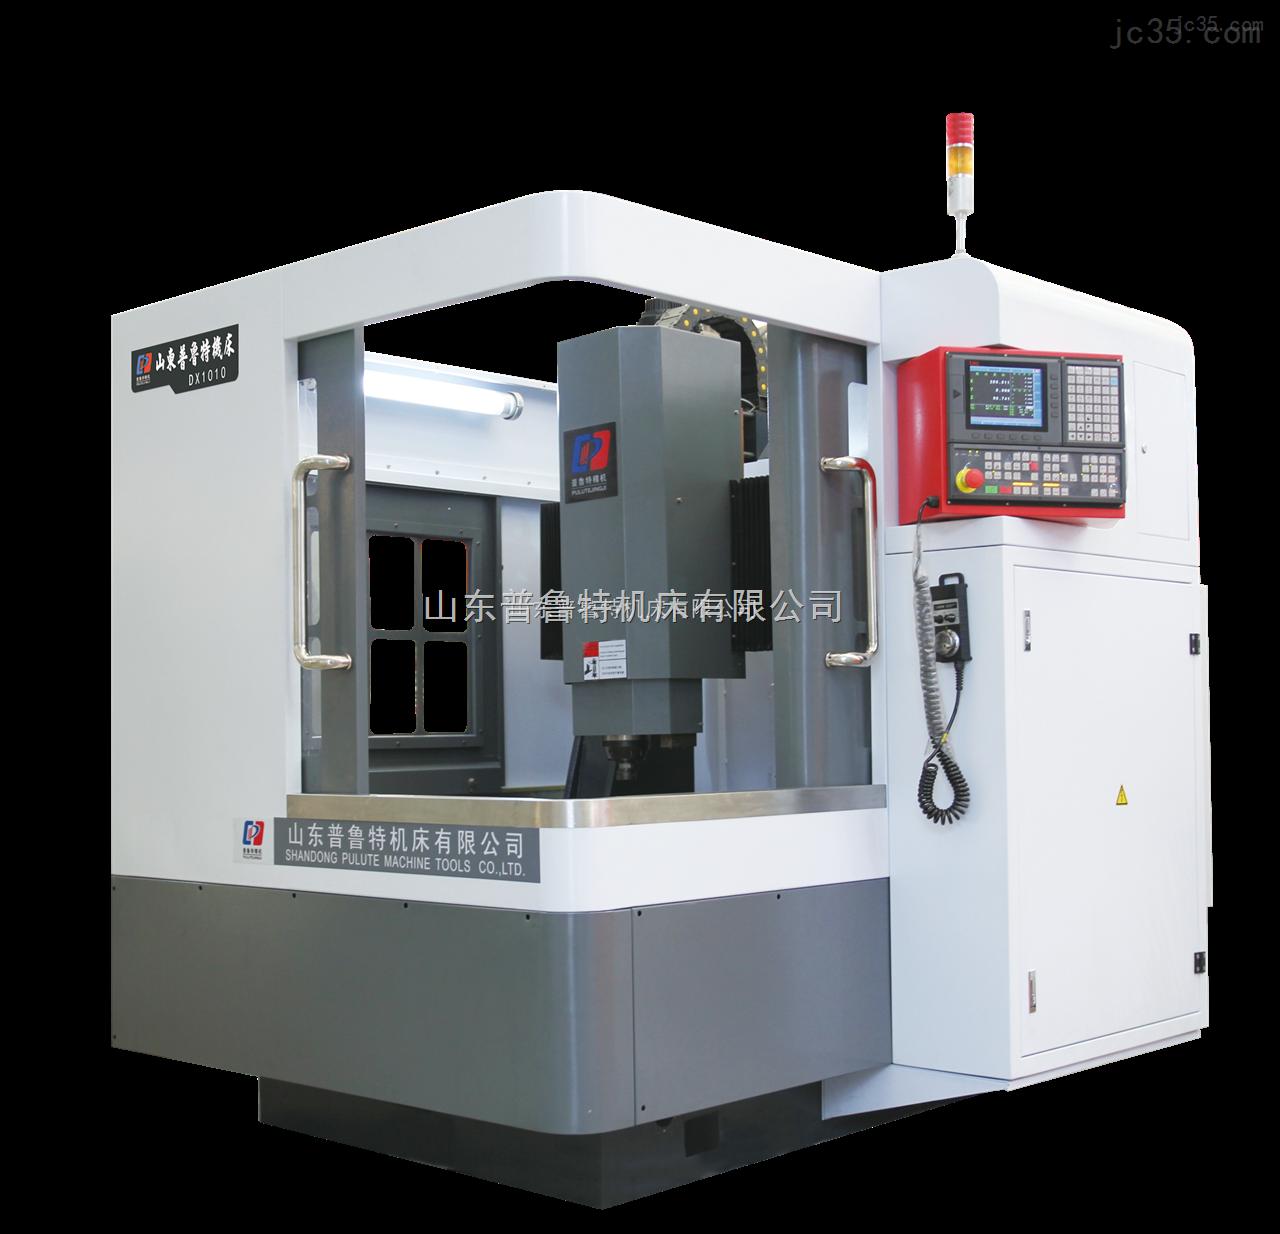 DX1010高精度数控雕铣机 普鲁特精机  质量有保障